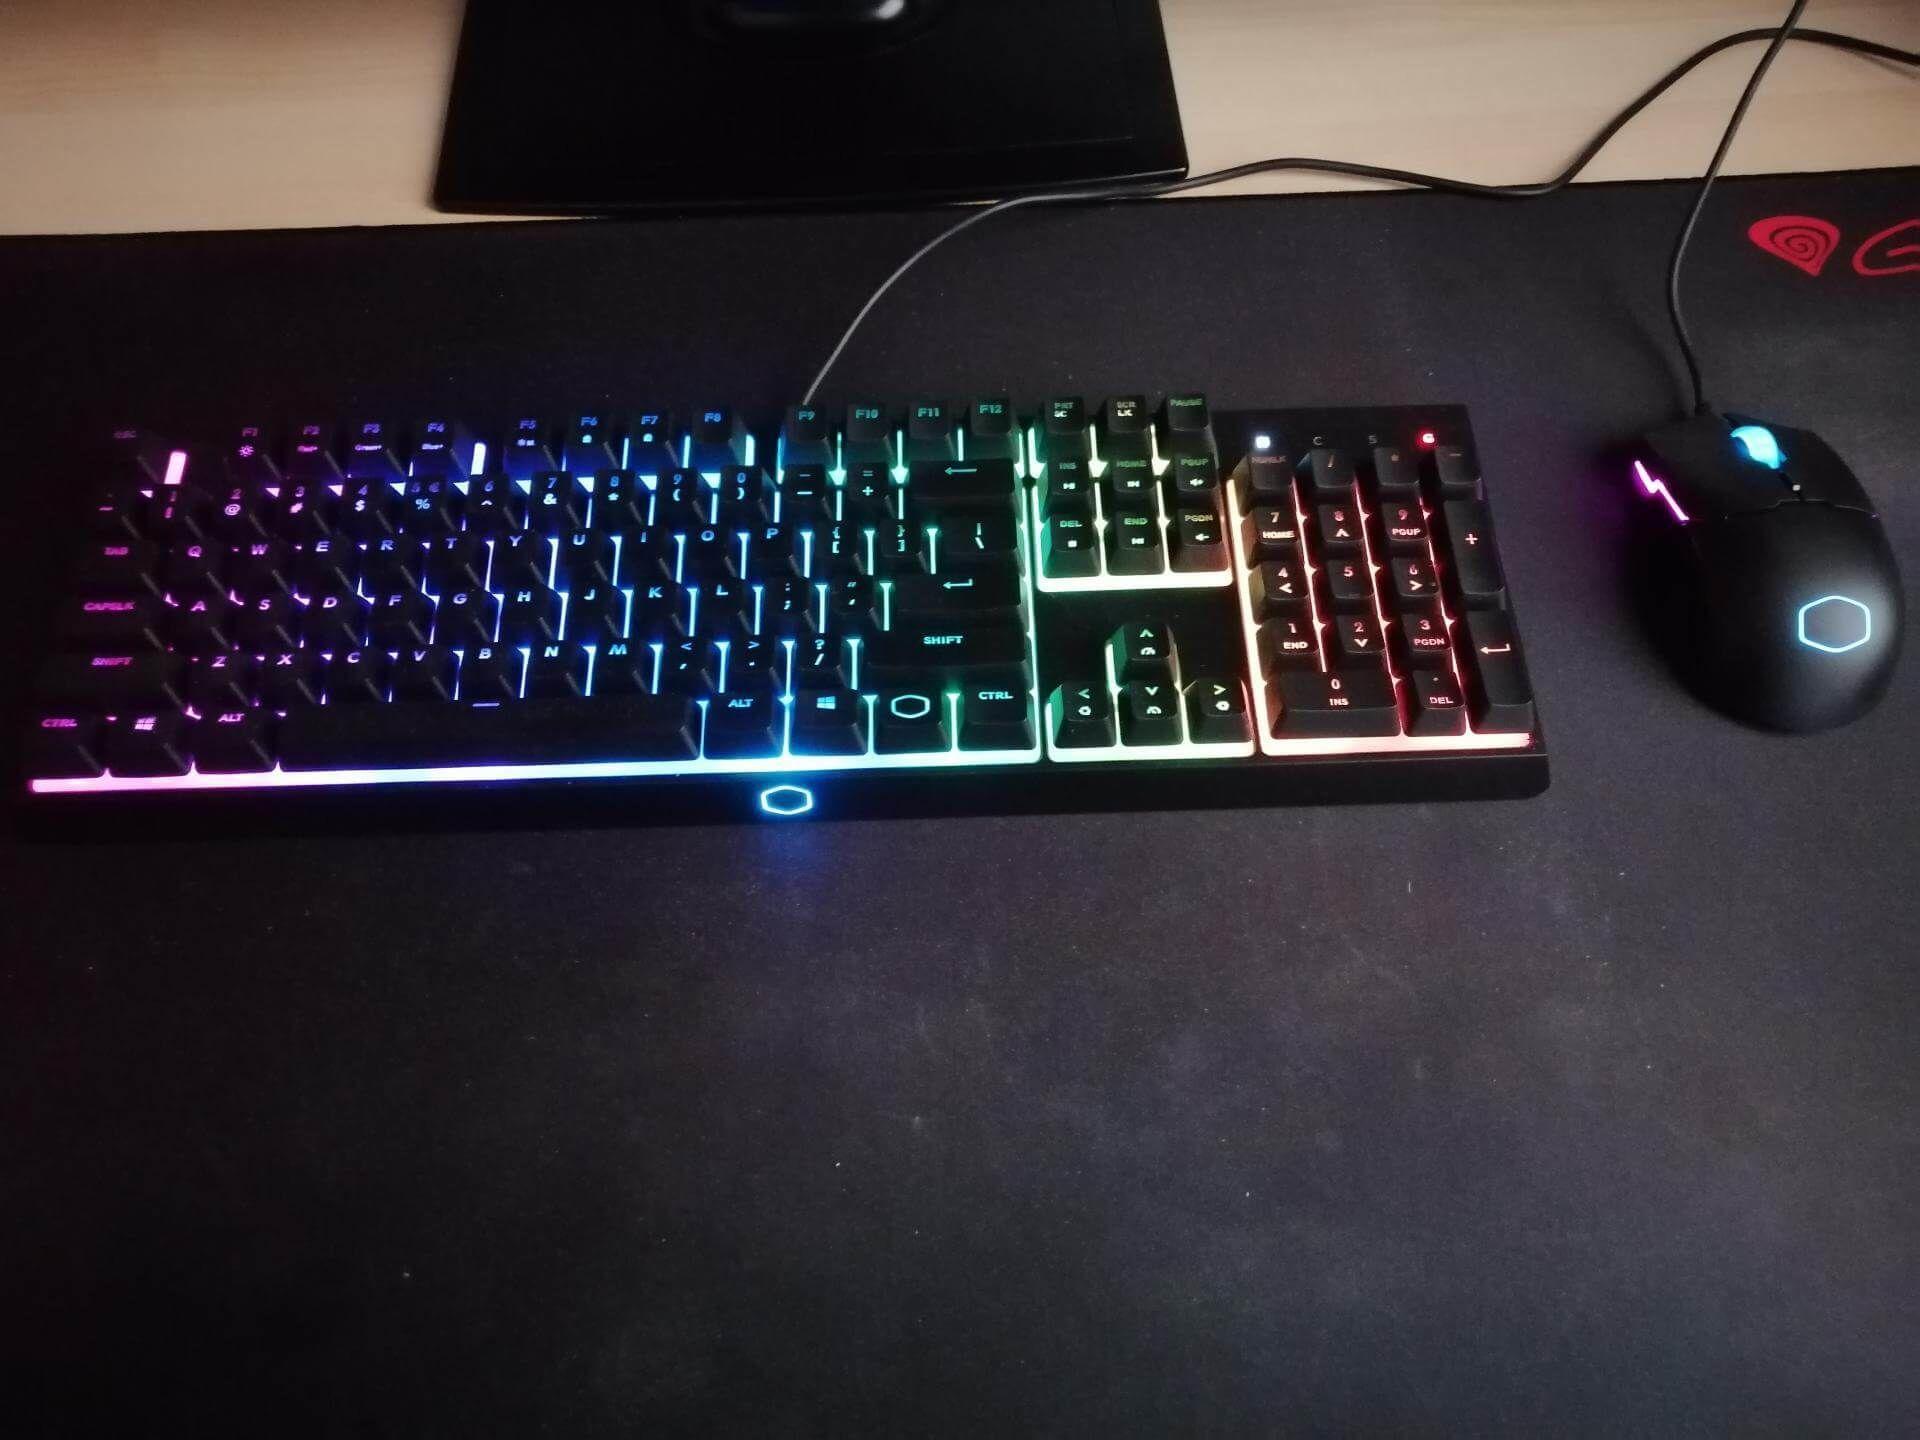 Cooler Master MS110 - testy zestawu myszki i klawiatury z podświetleniem 1